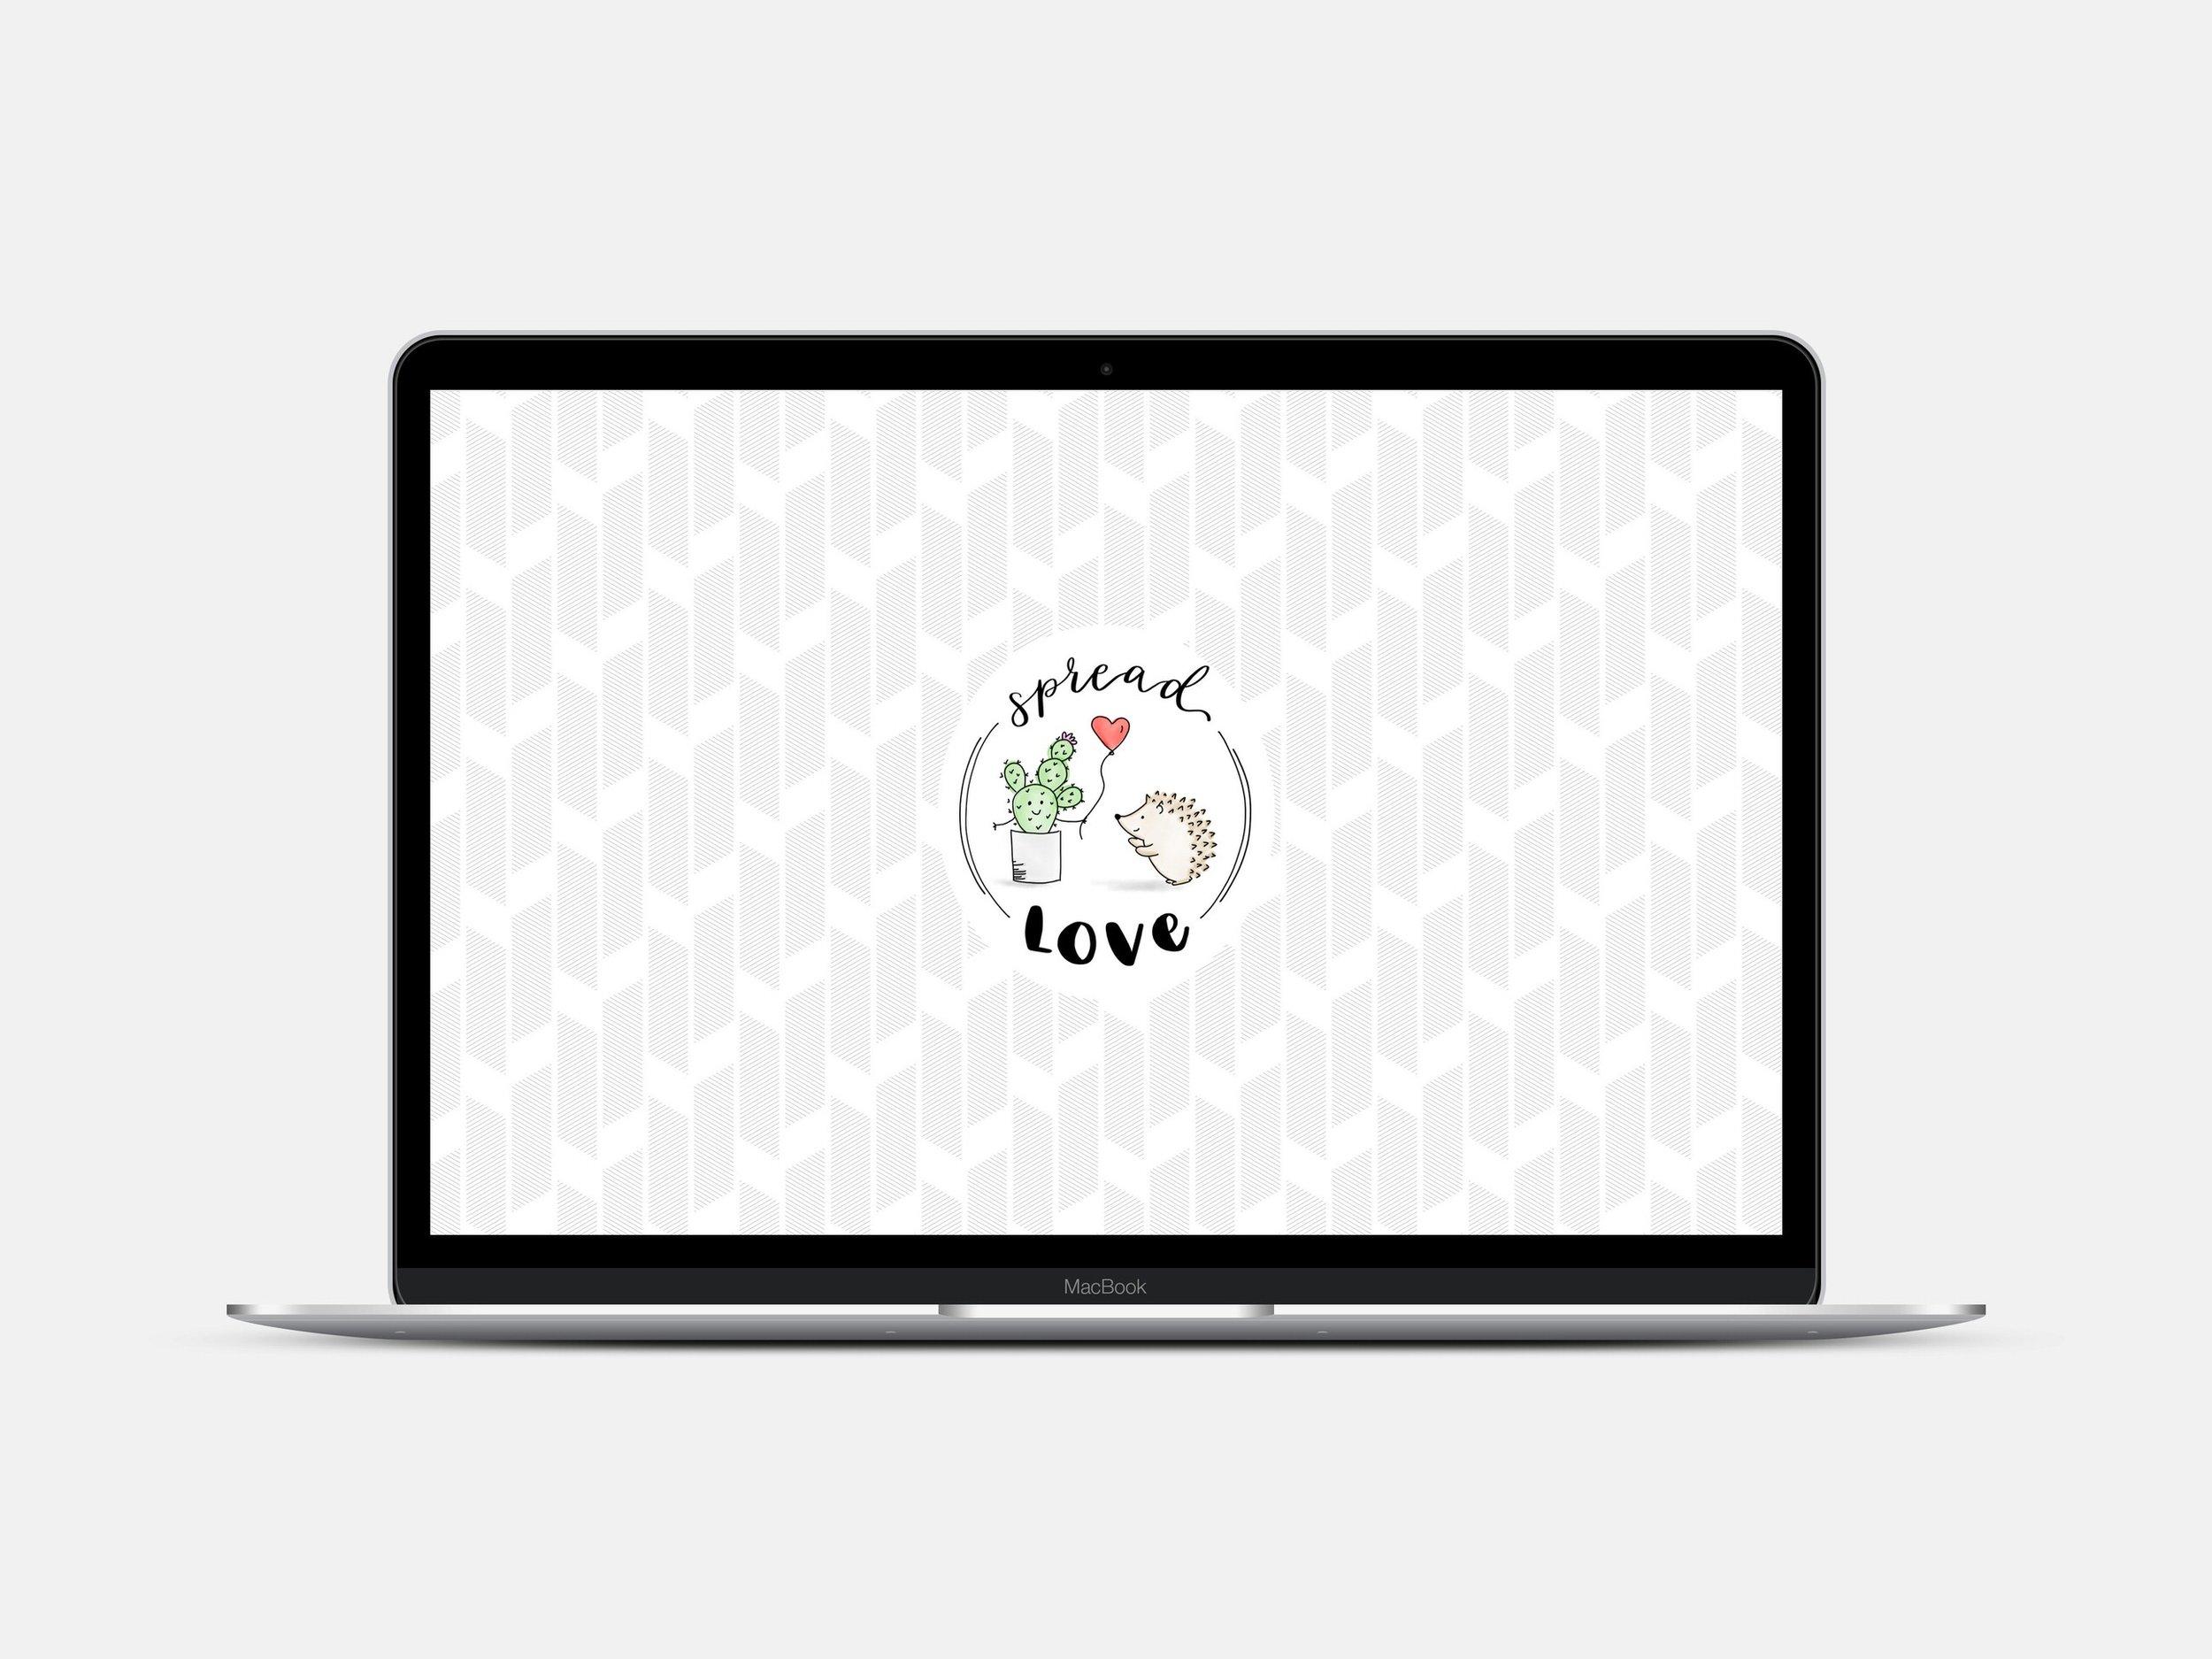 SpreadLove_Macbook-1.jpeg